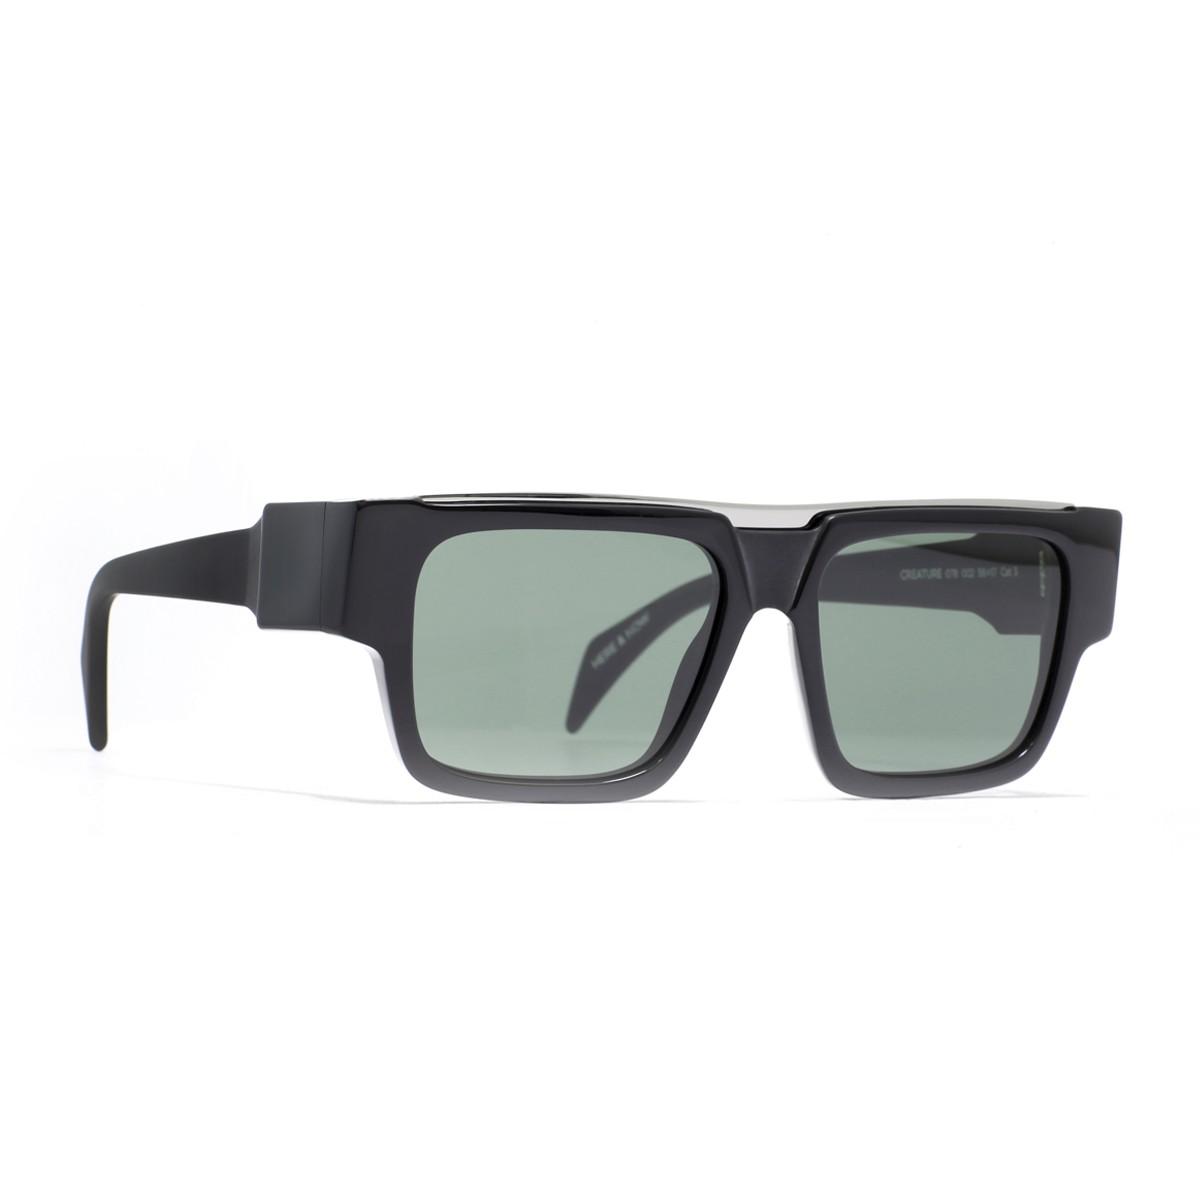 Siens Eye code 078 | Men's sunglasses